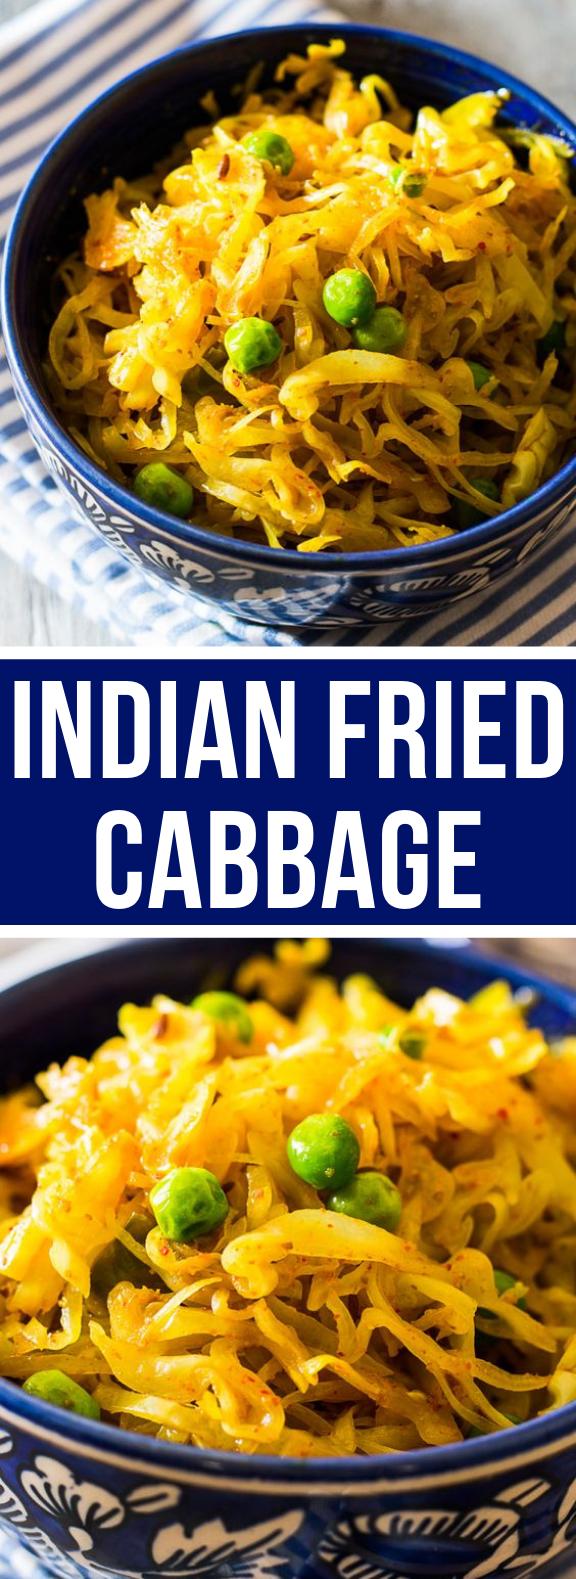 Indian Fried Cabbage #vegan #indianfood